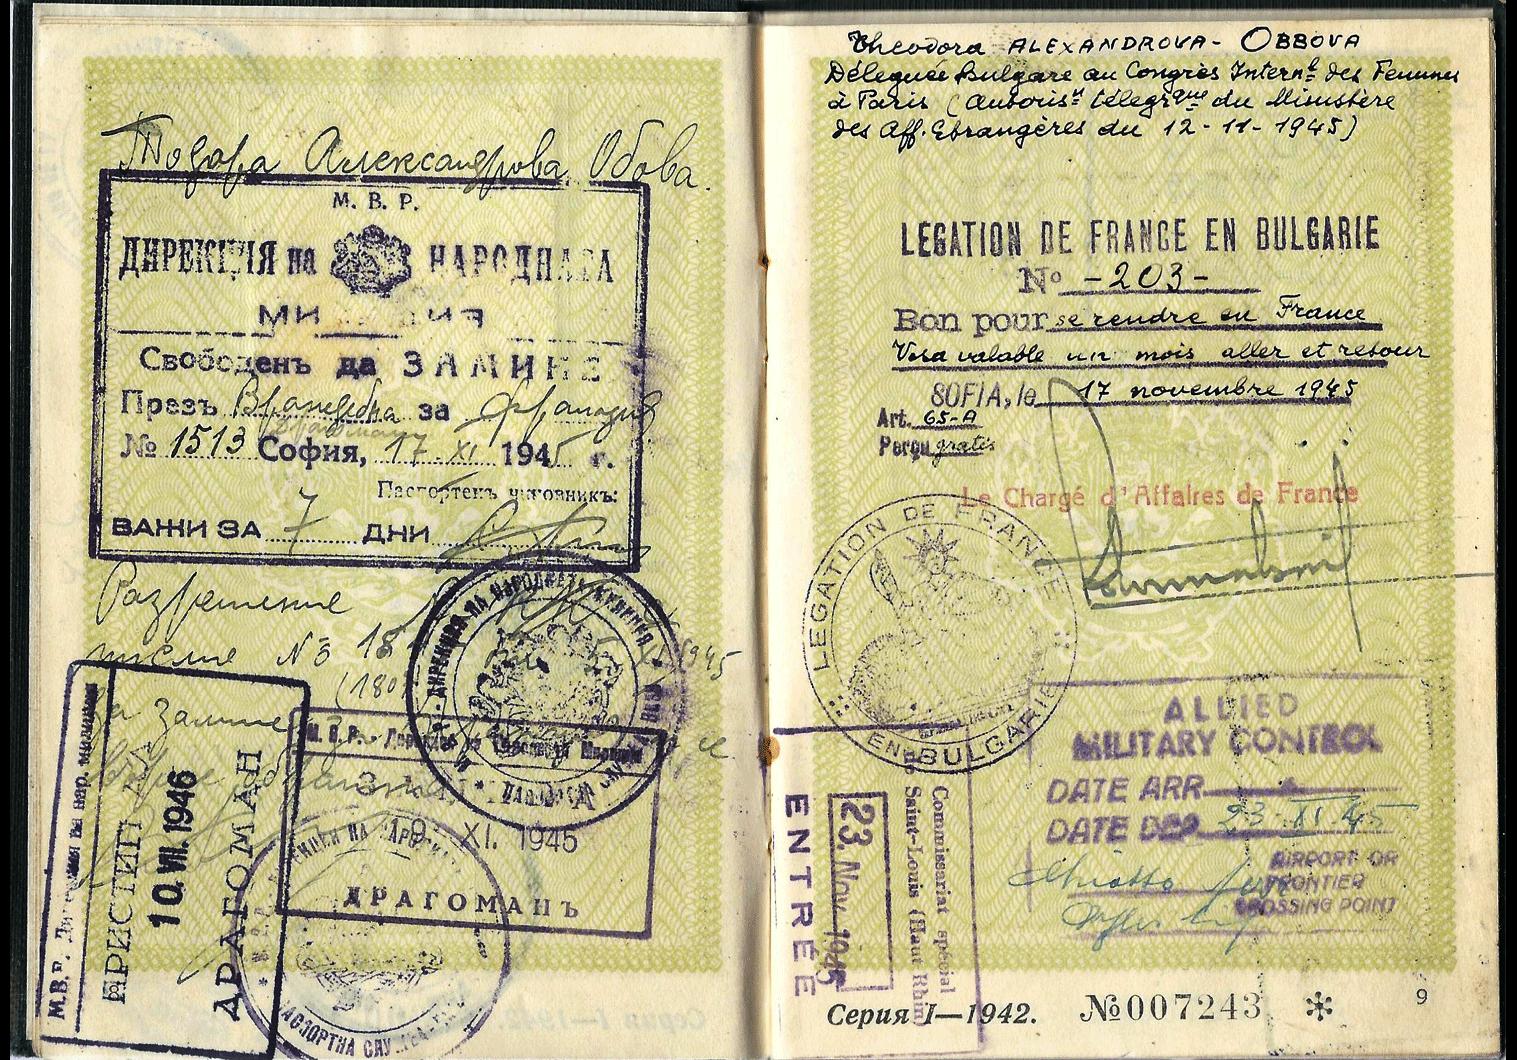 Post-war women's international conference passport